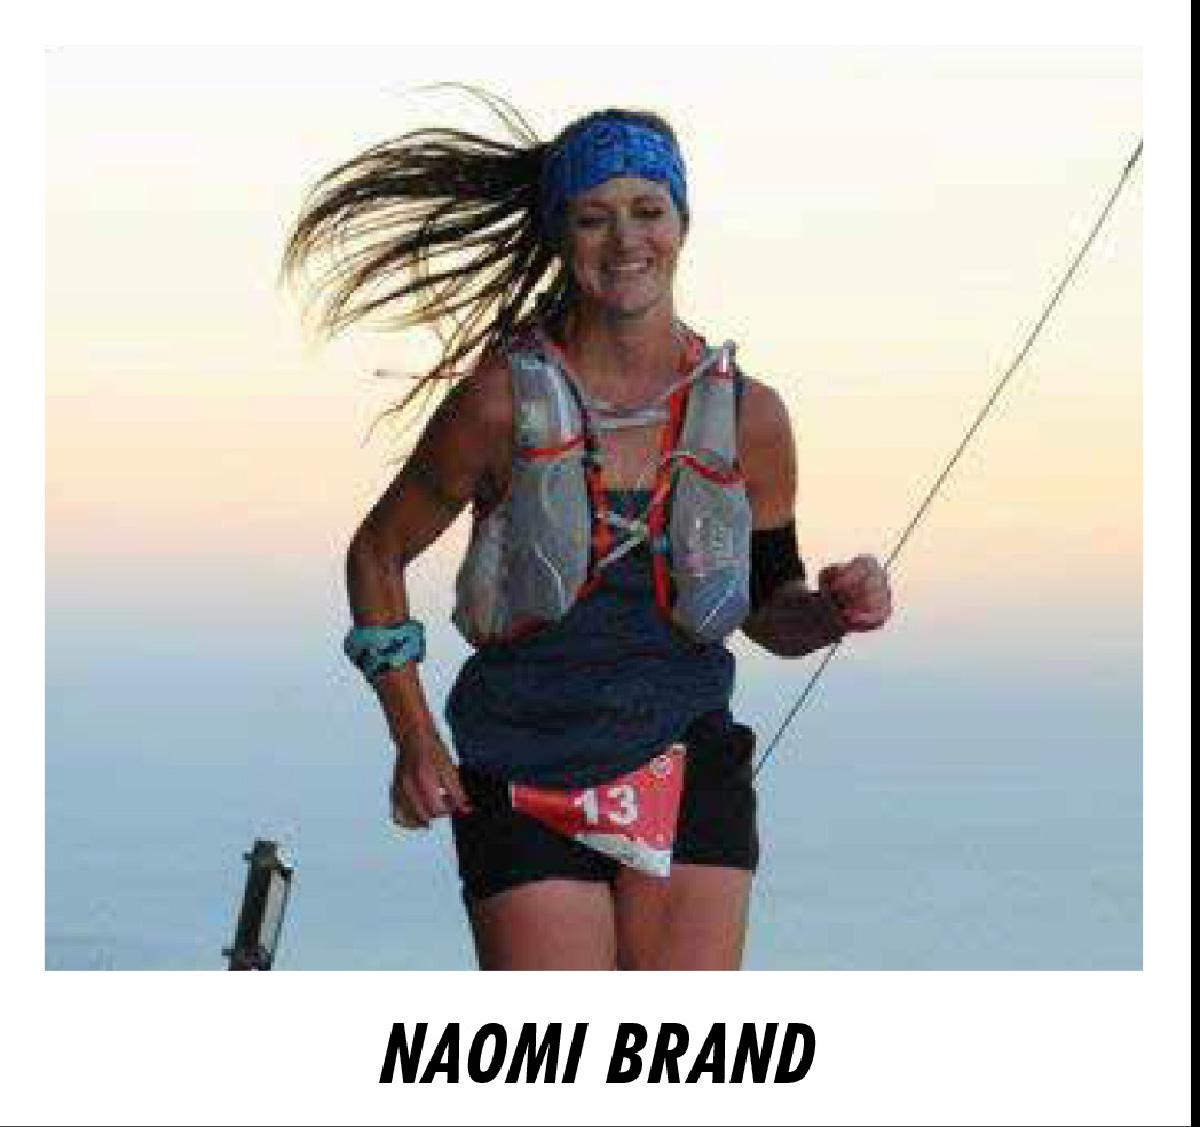 La Sud-Africaine Naomi Brand, une traileuse de renommée qui ne viendra pas pour se balader